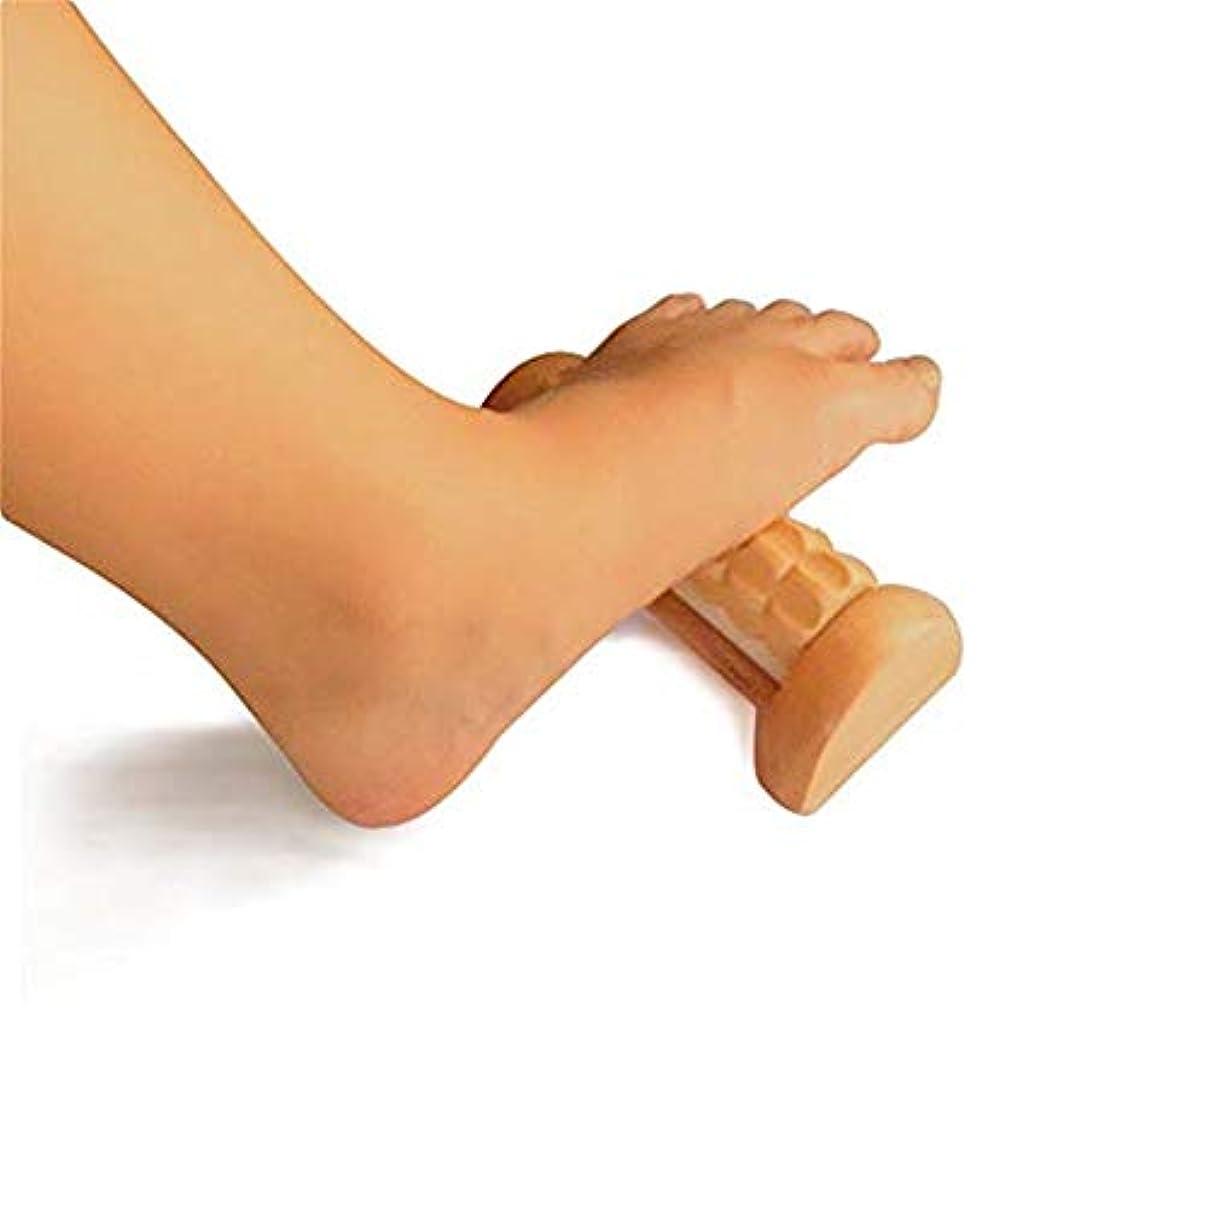 Foot Massager Roller - 足のARCHの痛み、足底筋膜炎、痛みのセルフマッサージと痛みを和らげます - 筋膜の弛緩、リラックスした緊張/タイトな筋膜およびアーチを刺激します